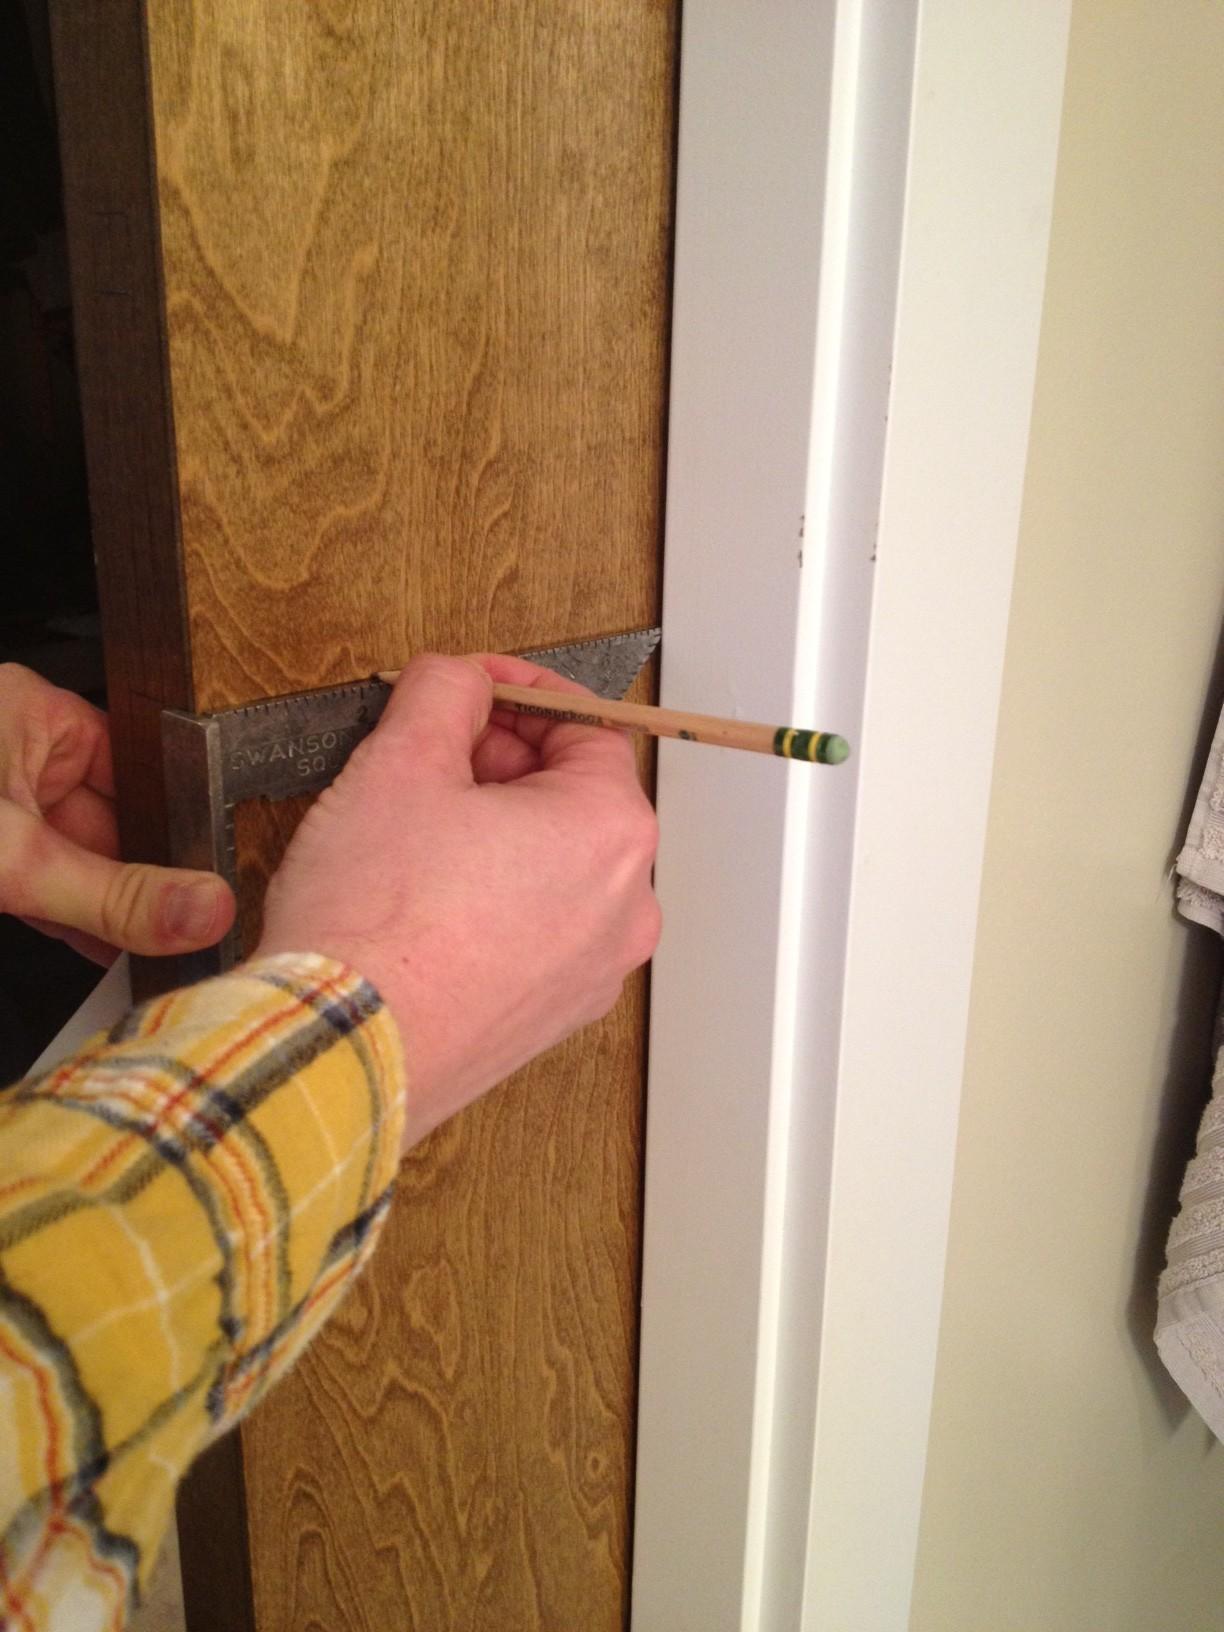 Linnea PL-160 Pocket Door Lock Installation Step 4 & Linnea PL-160 Pocket Door Lock Install Instructions